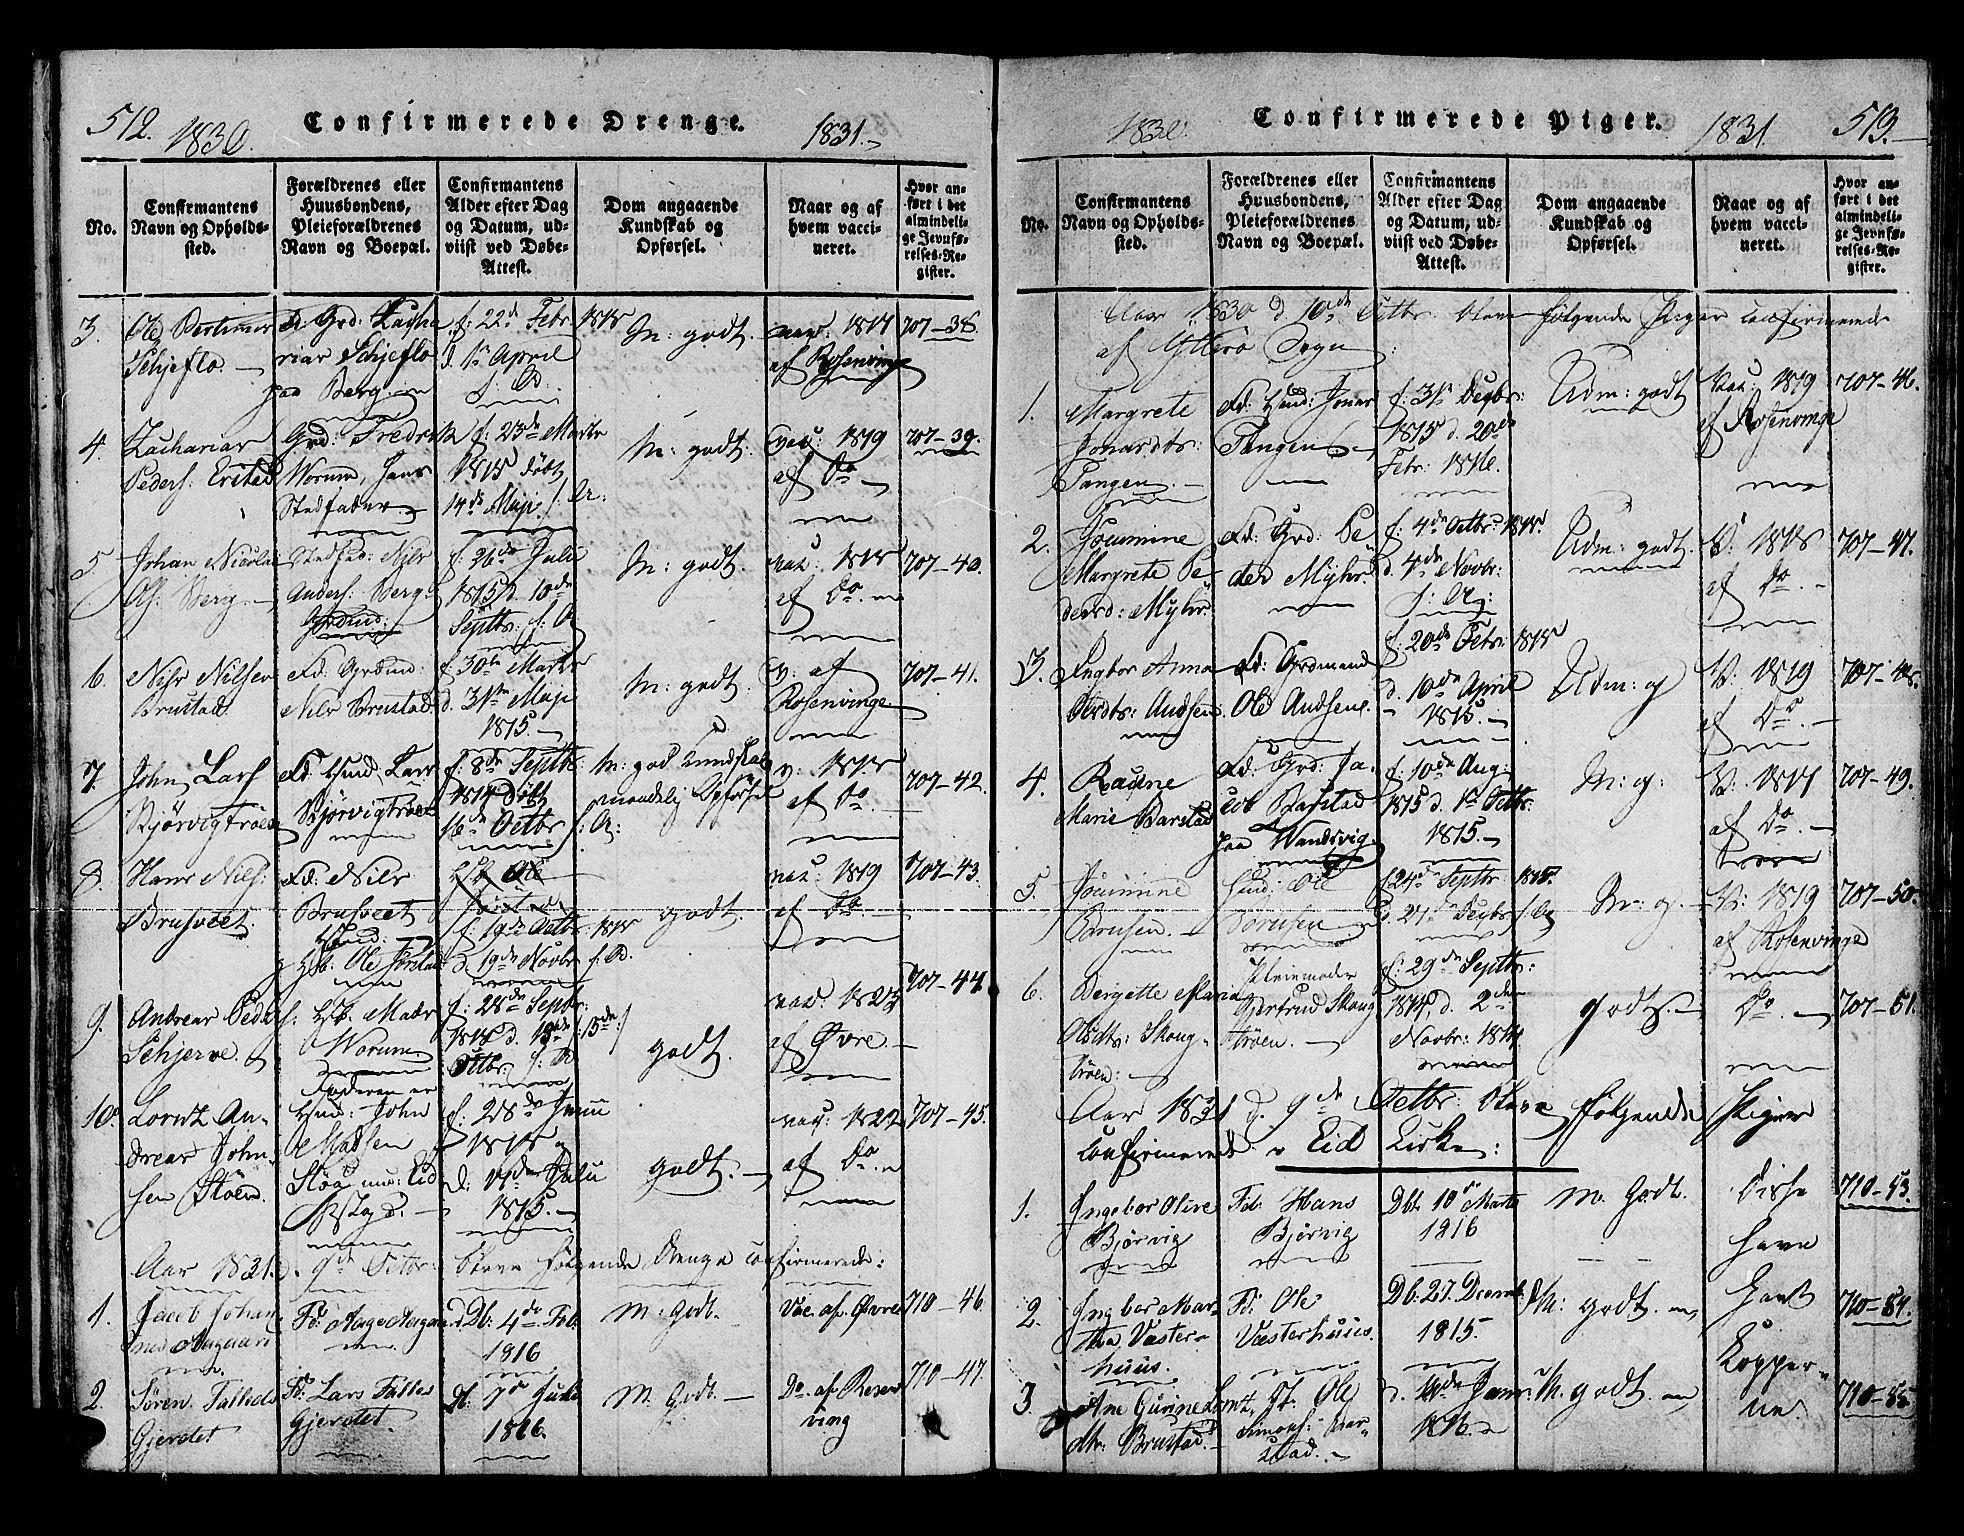 SAT, Ministerialprotokoller, klokkerbøker og fødselsregistre - Nord-Trøndelag, 722/L0217: Ministerialbok nr. 722A04, 1817-1842, s. 512-513